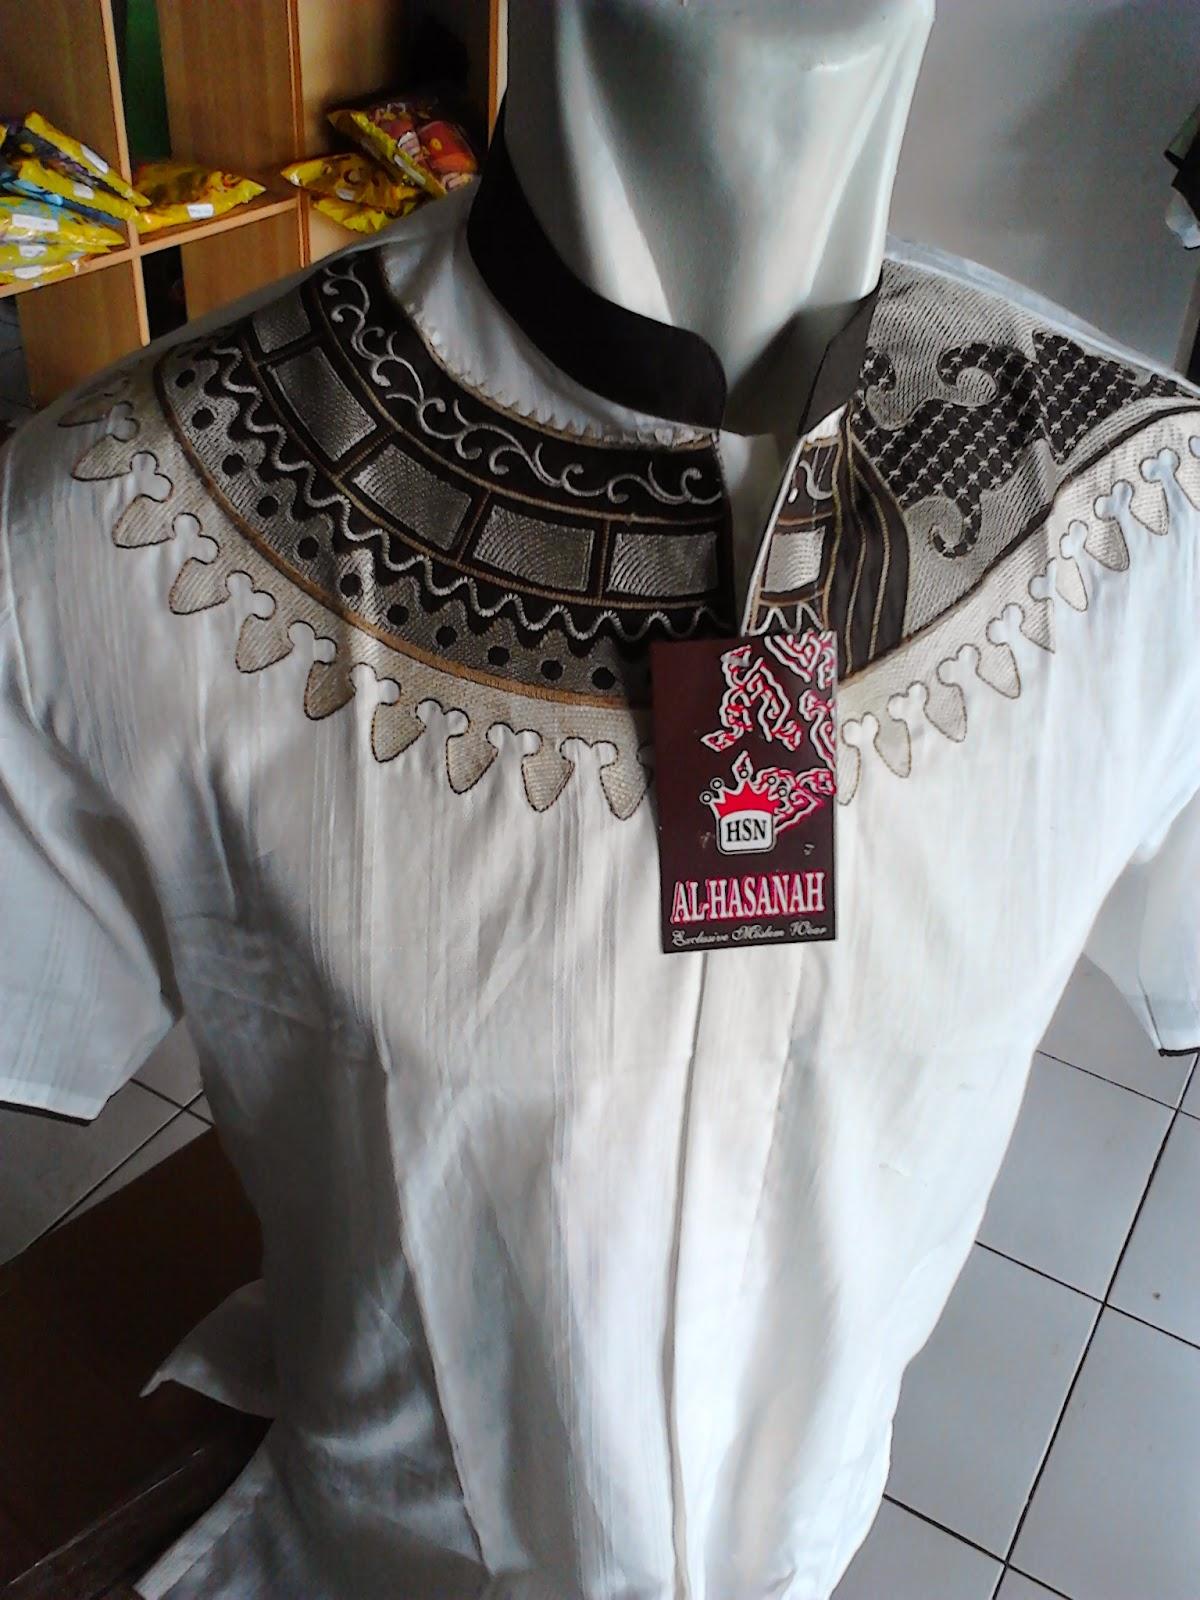 Baju Koko Murah Tasikmalaya, Model Tangan Pendek, AH 3, Baju Koko Bahan Katun